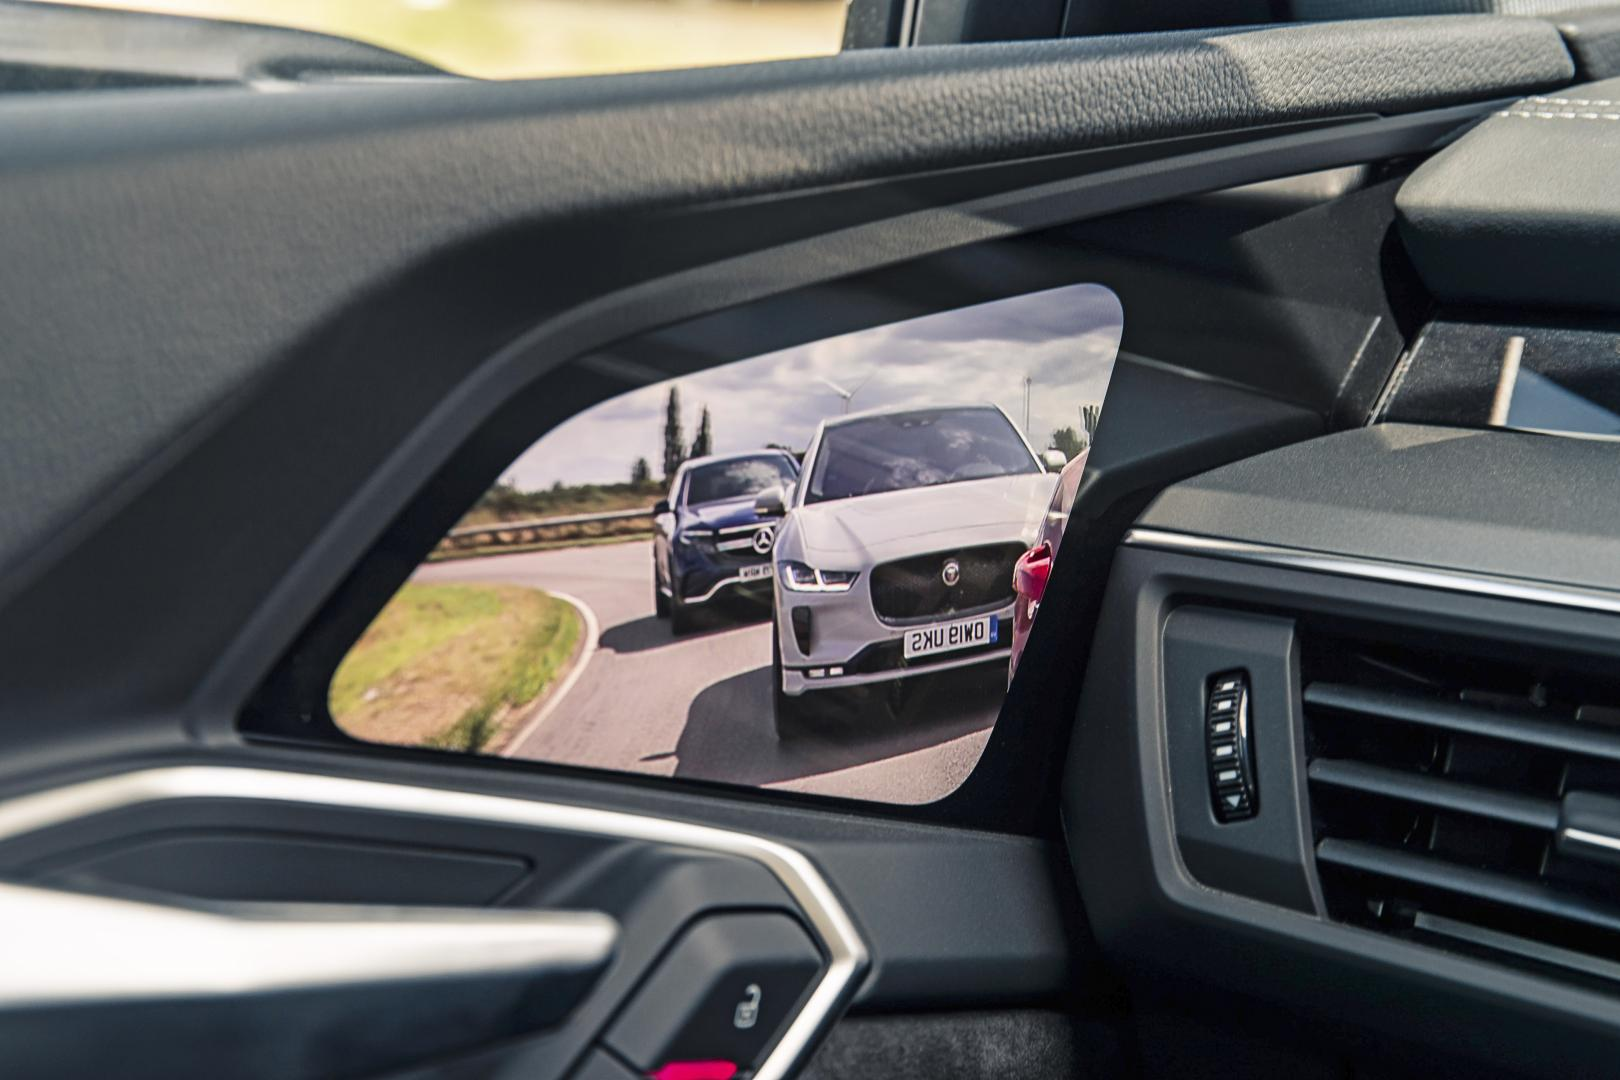 Audi E-Tron 55 Quattro Advanced interieur scherm buitenspiegel